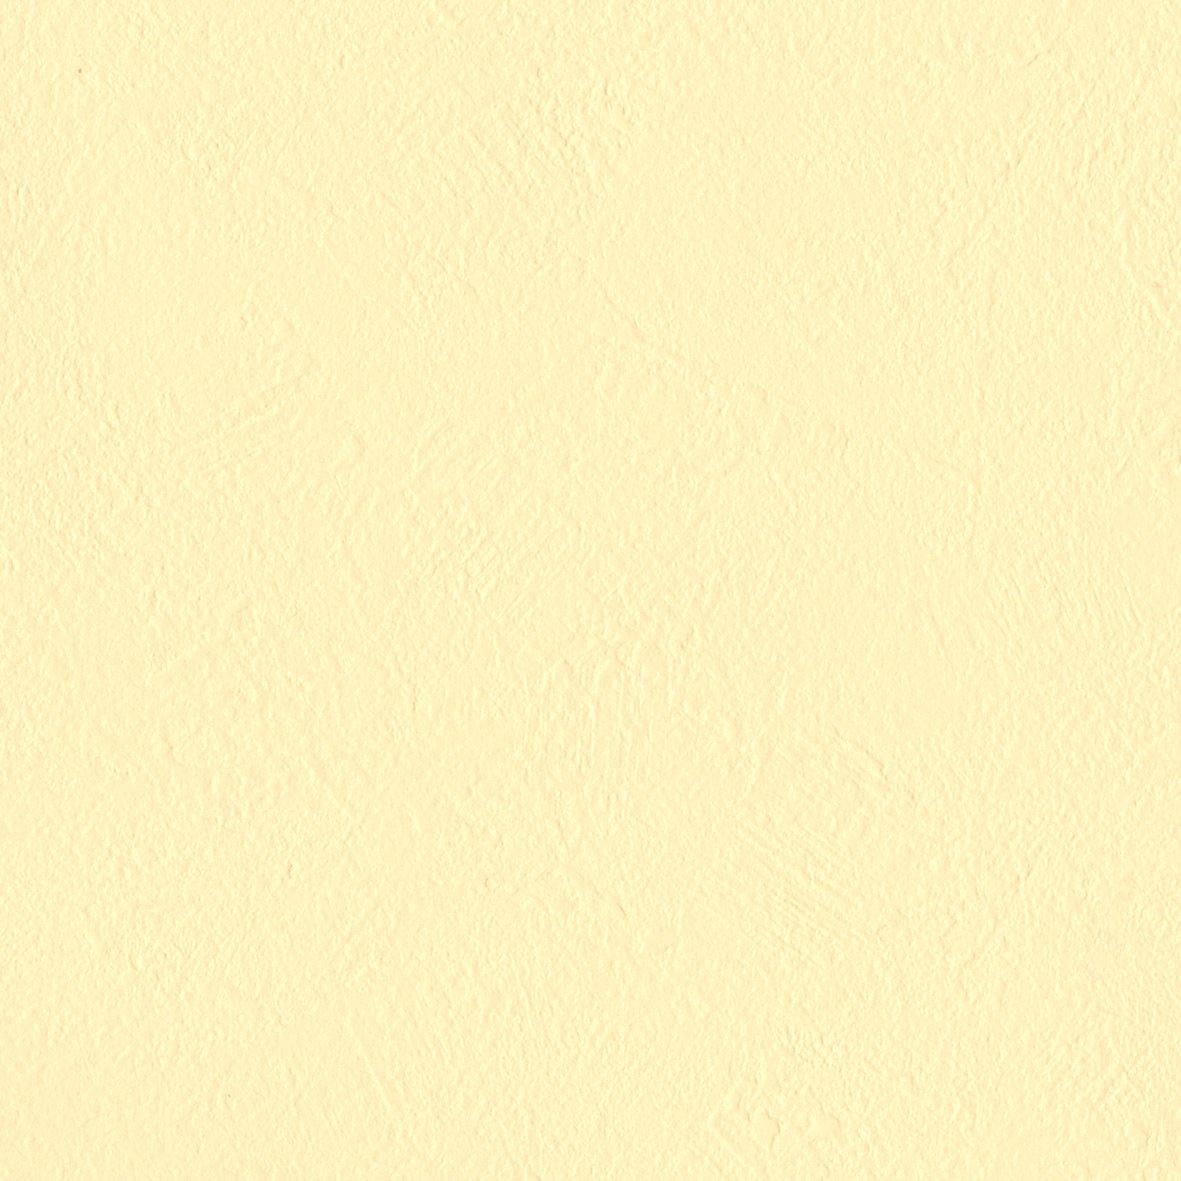 リリカラ 壁紙44m ナチュラル 石目調 イエロー カラーバリエーション LV-6180 B01IHRARUA 44m|イエロー